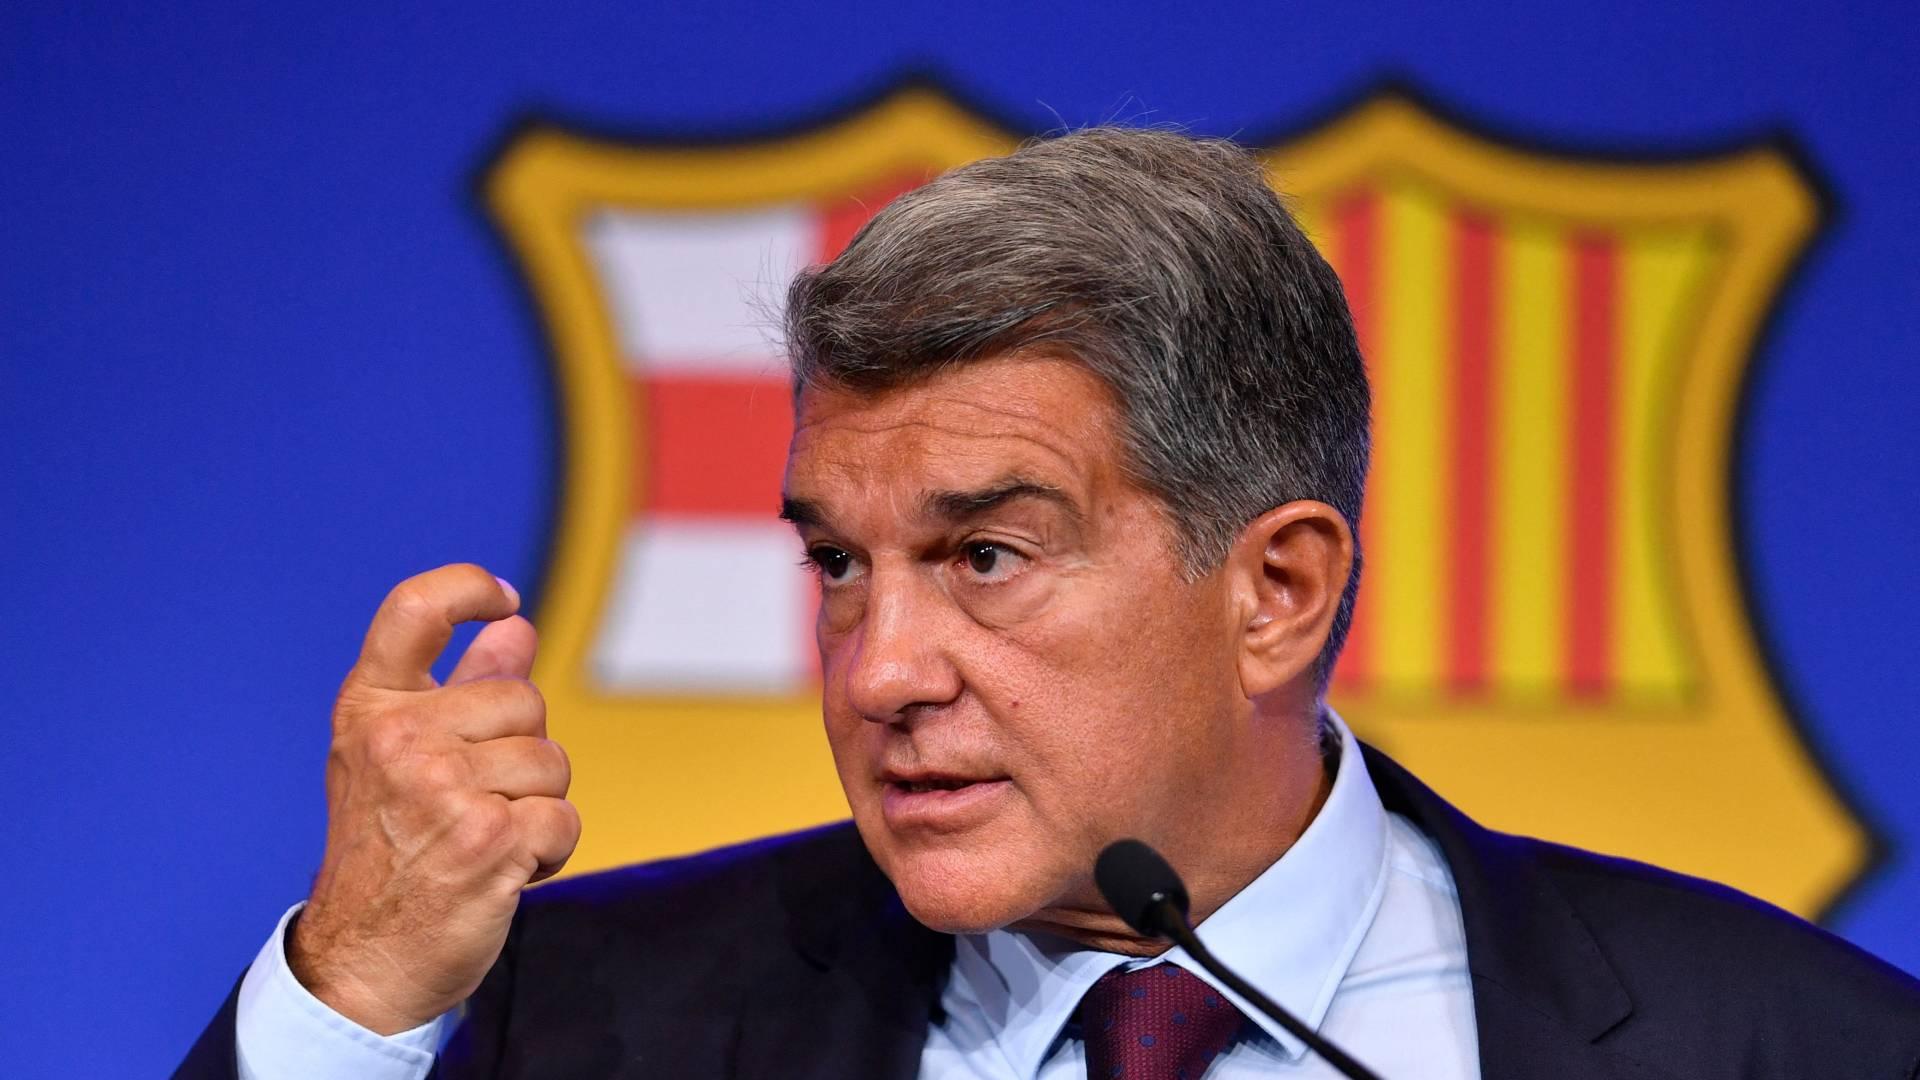 'An exercise in despair' – Barcelona president Laporta slams predecessor Bartomeu over €1.35bn debt